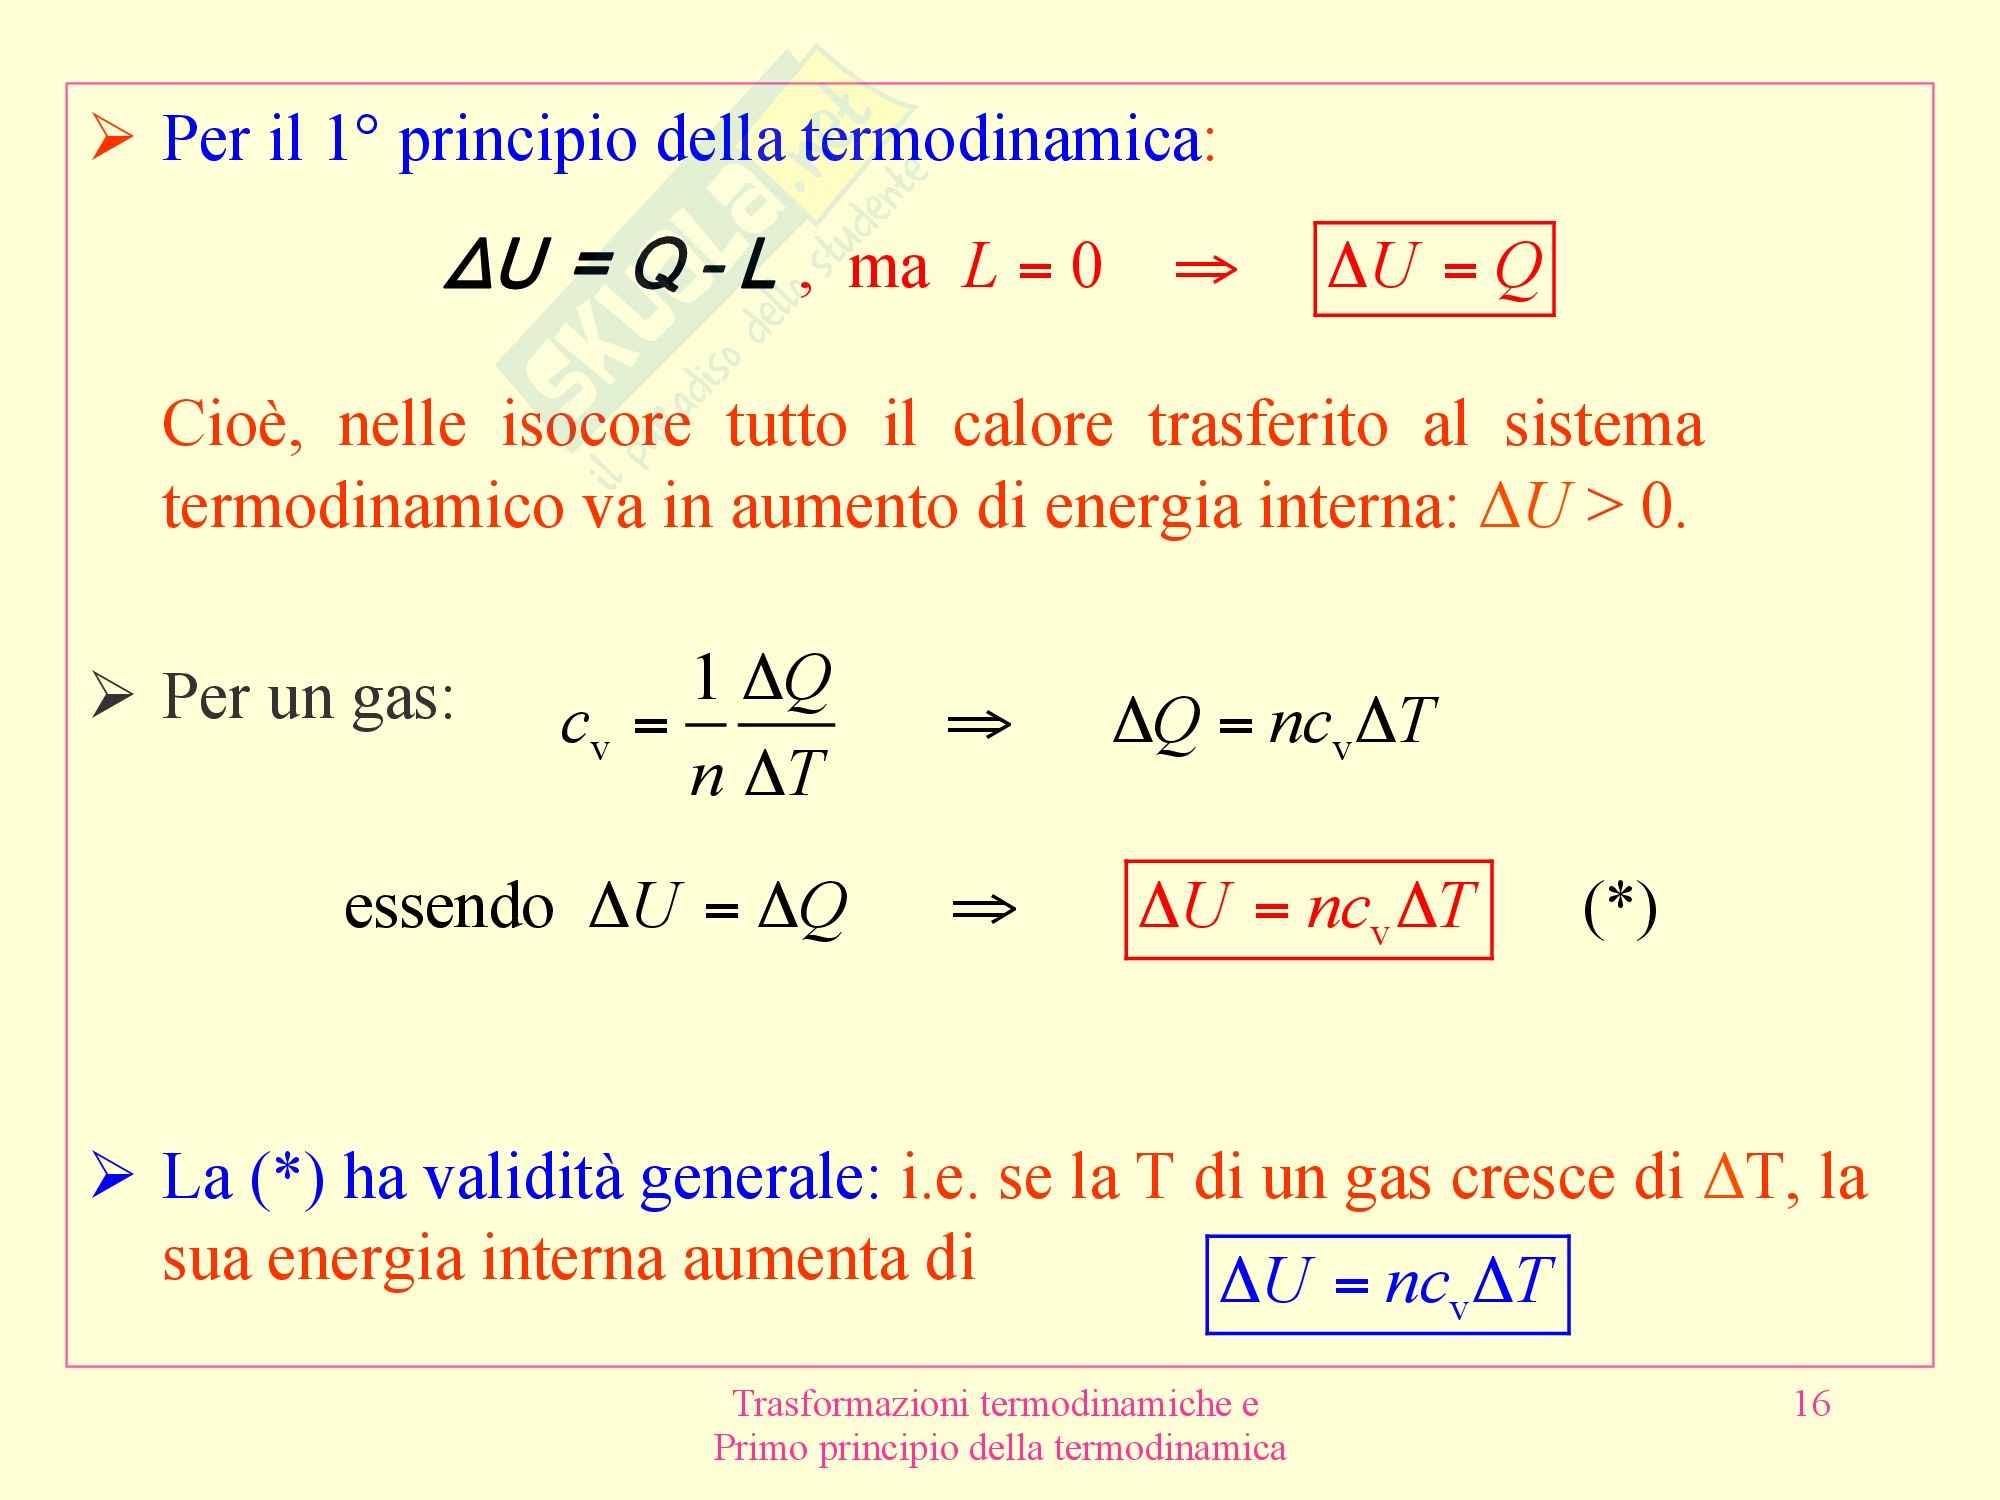 Fisica medica - termodinamica Pag. 16